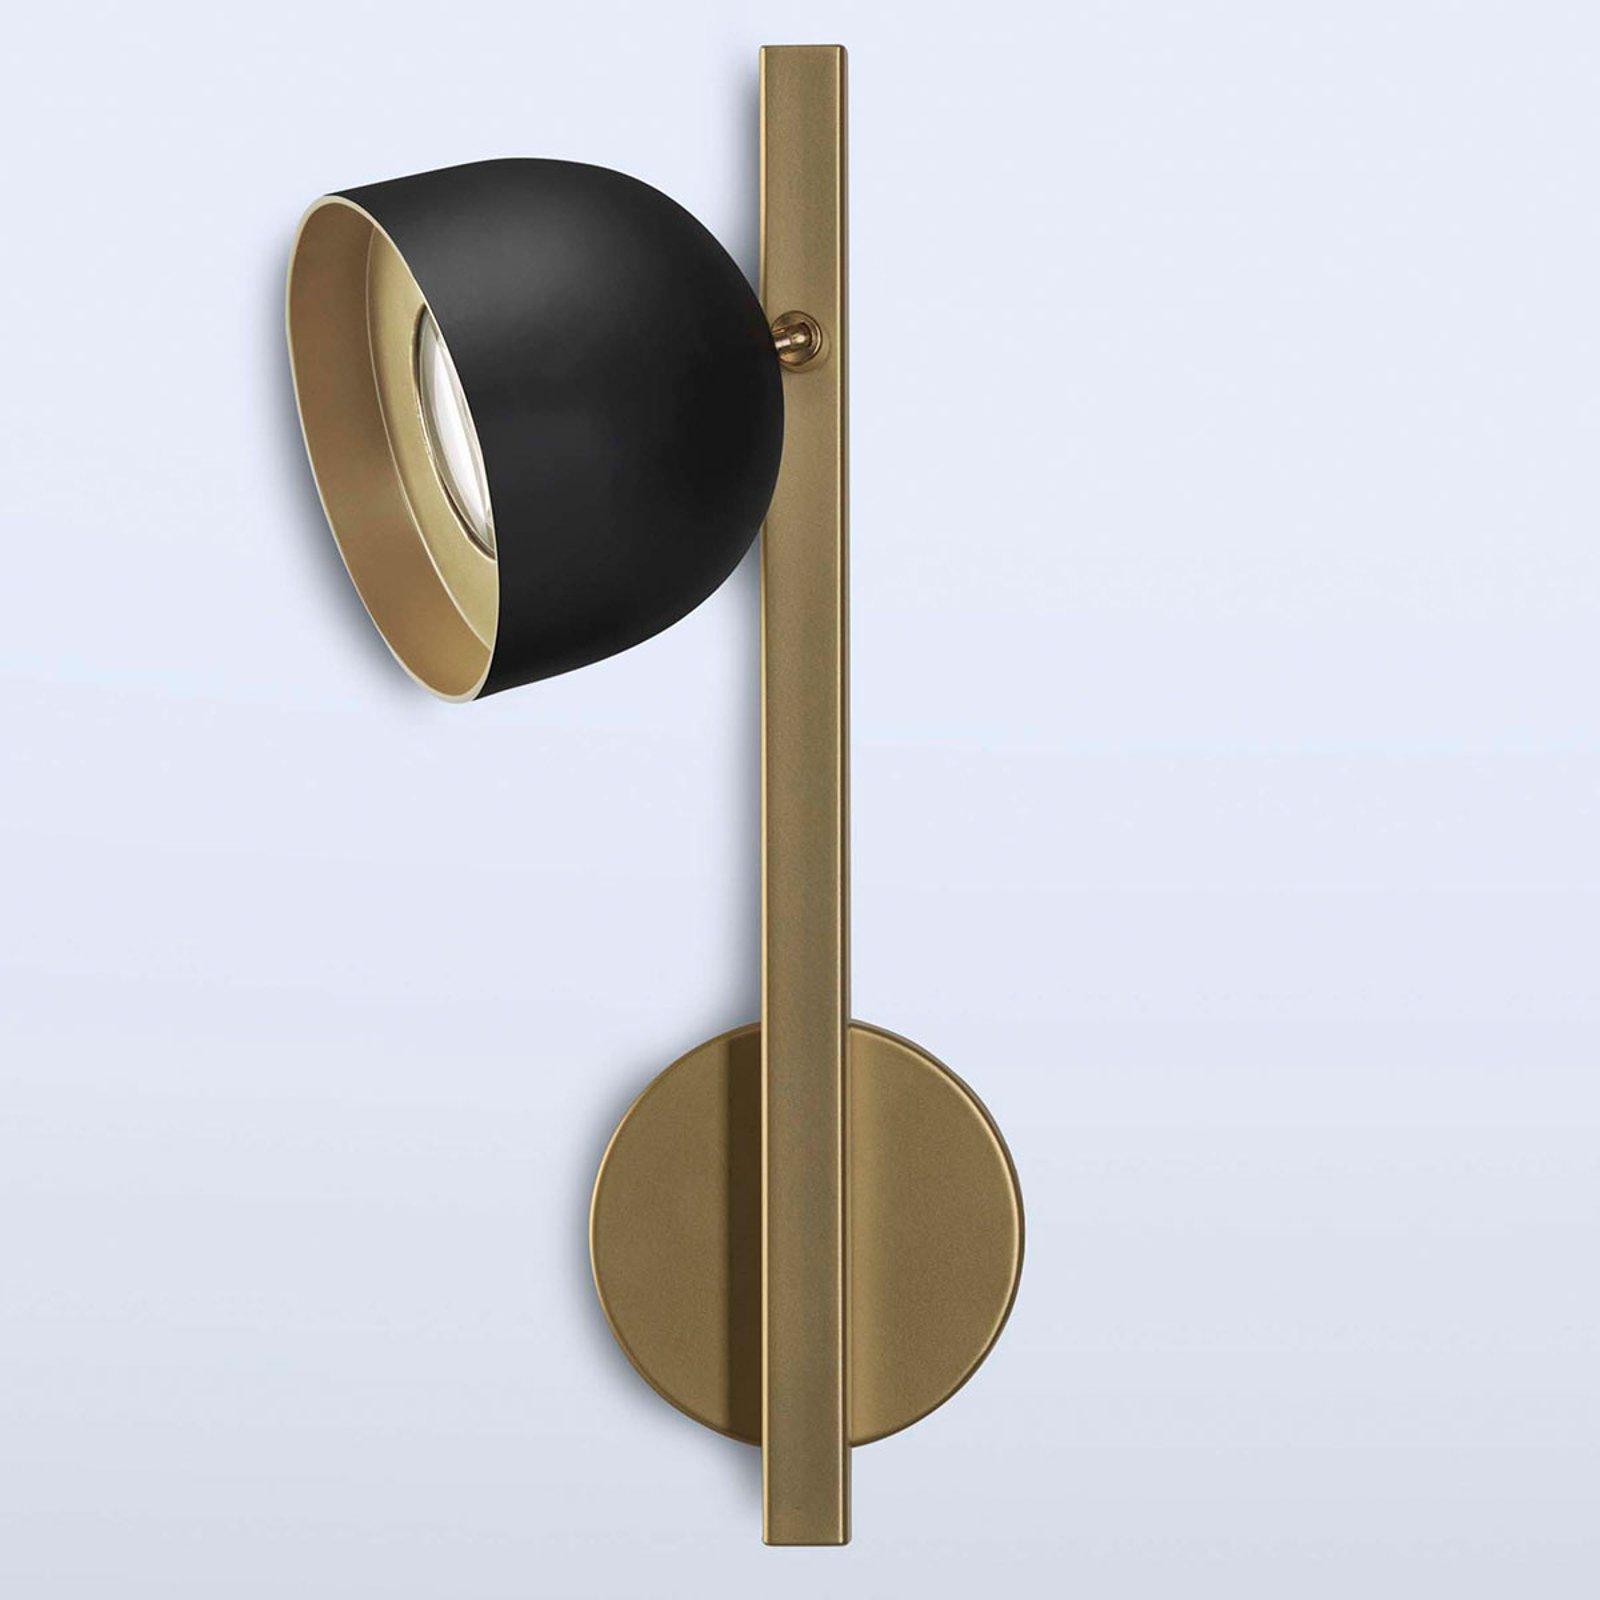 Dome LED-vegglampe svart med rett stang